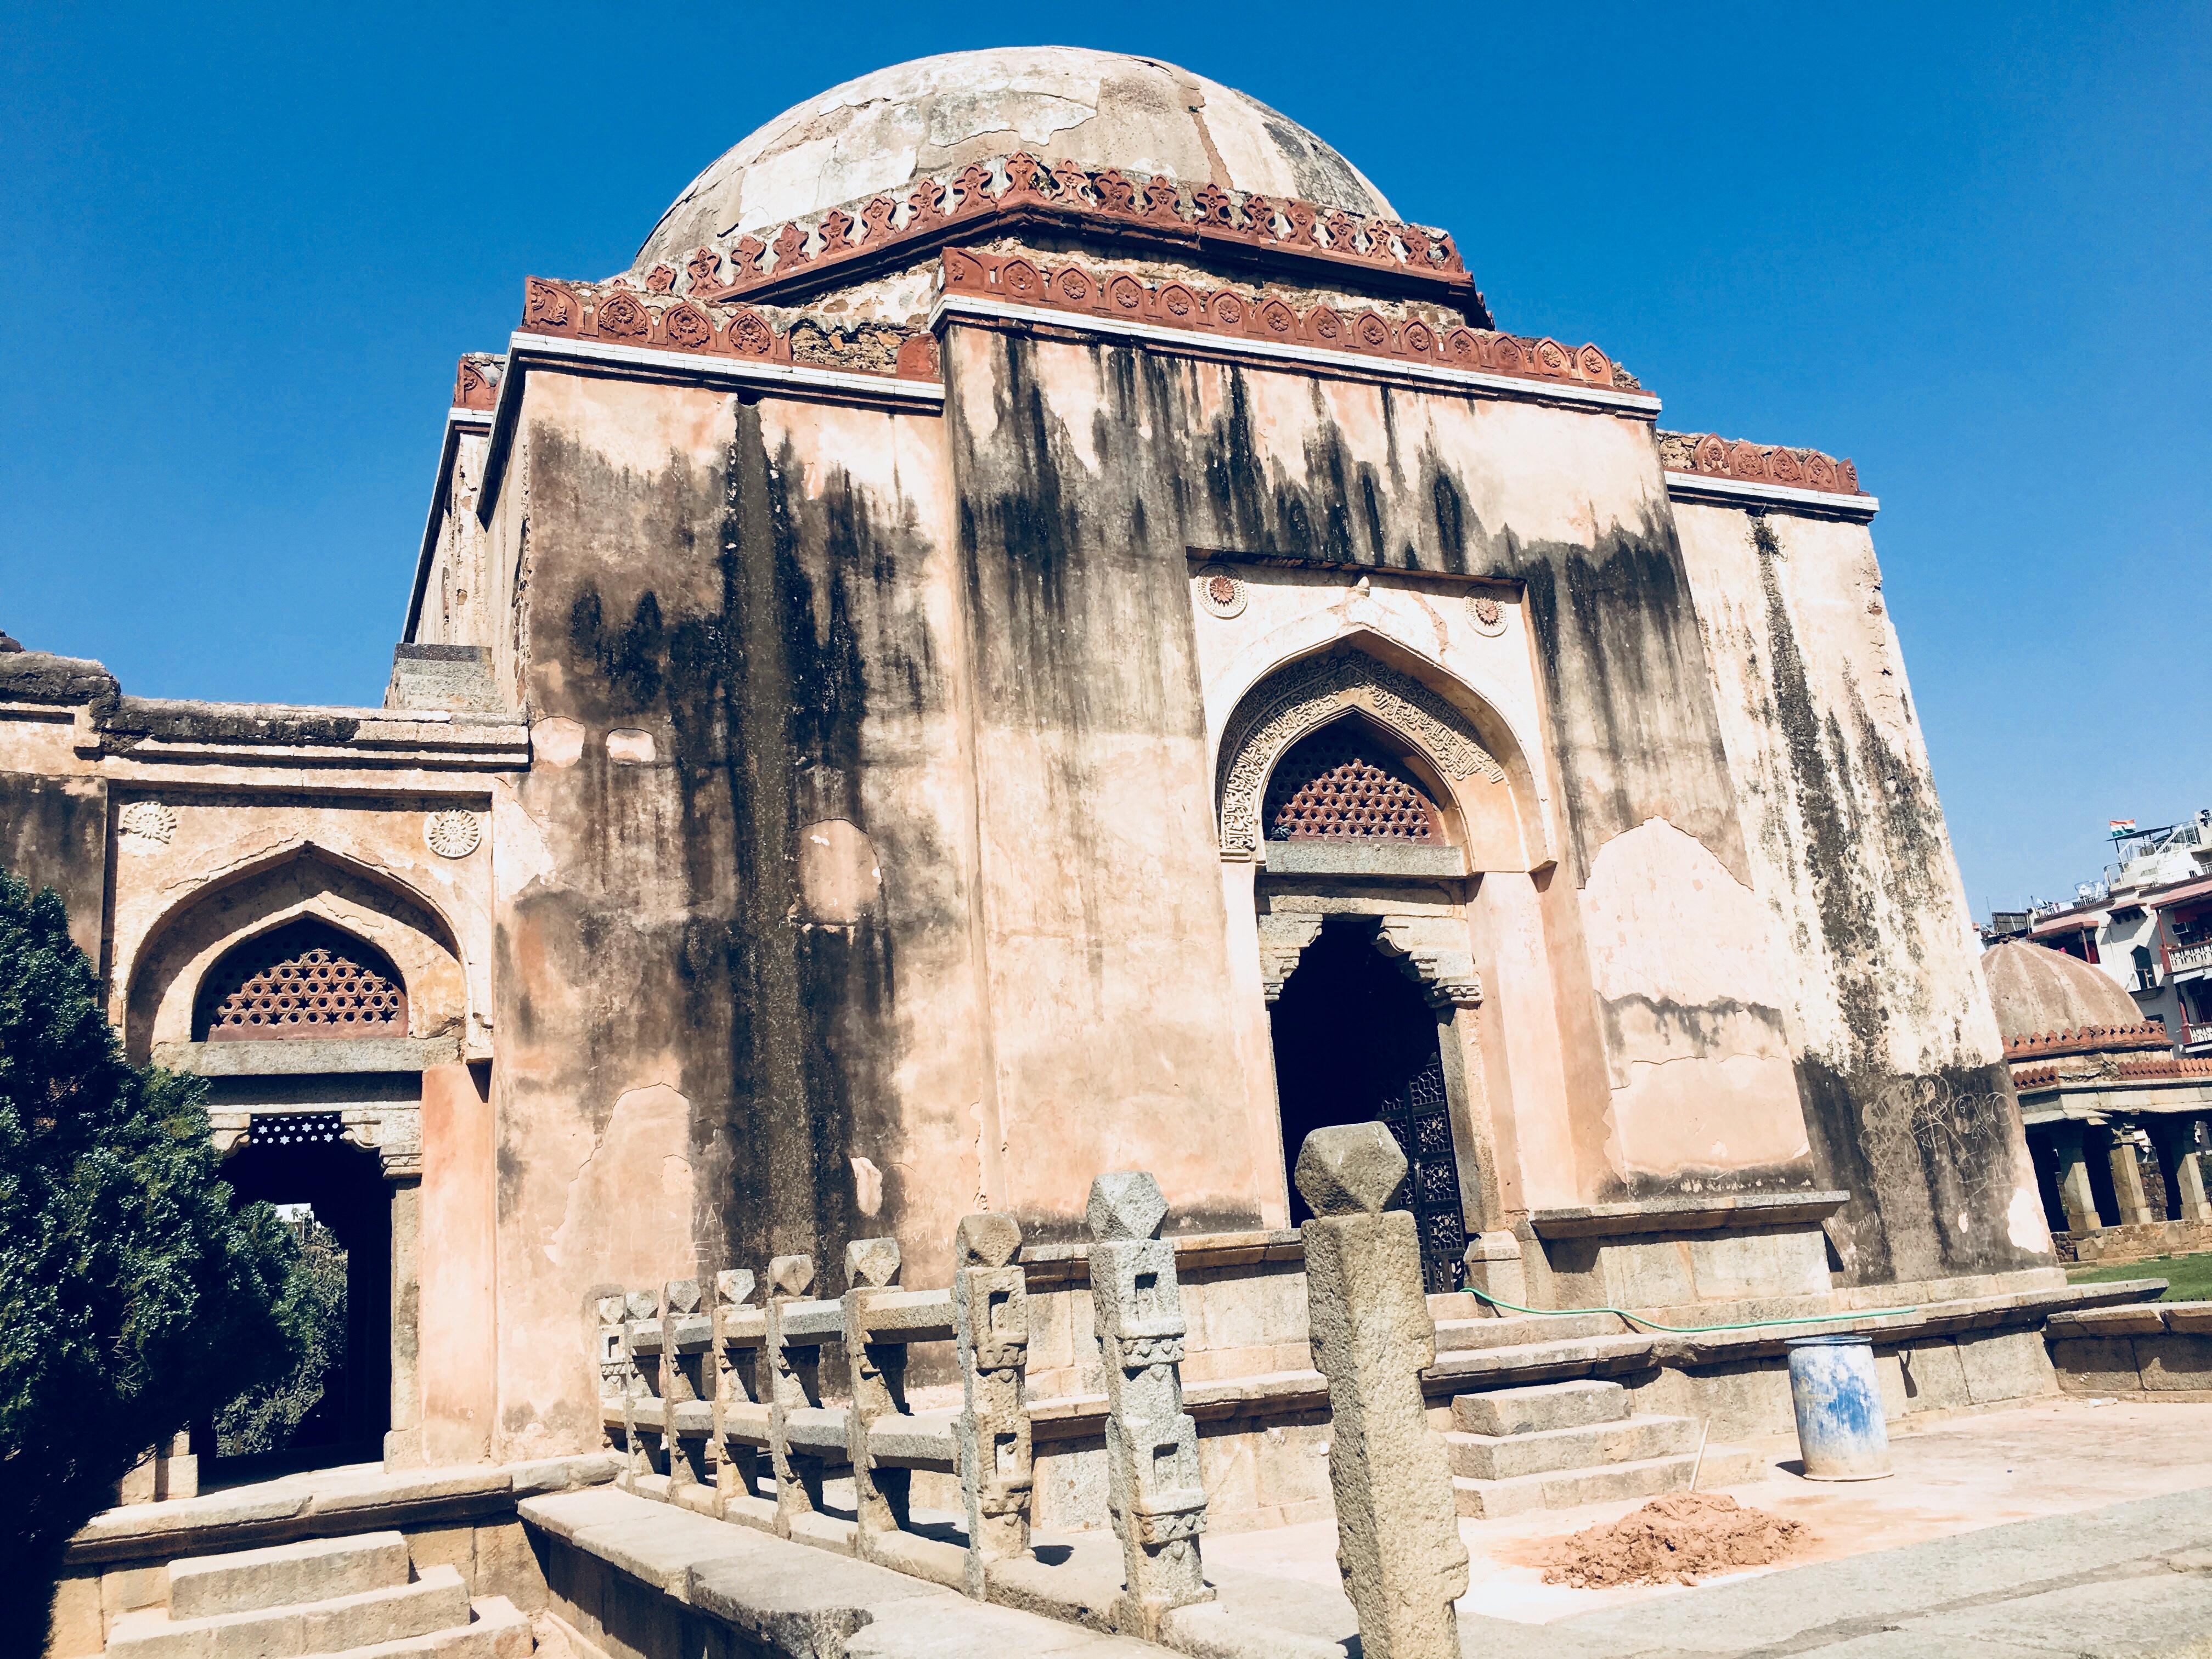 Firoz Shah Tomb